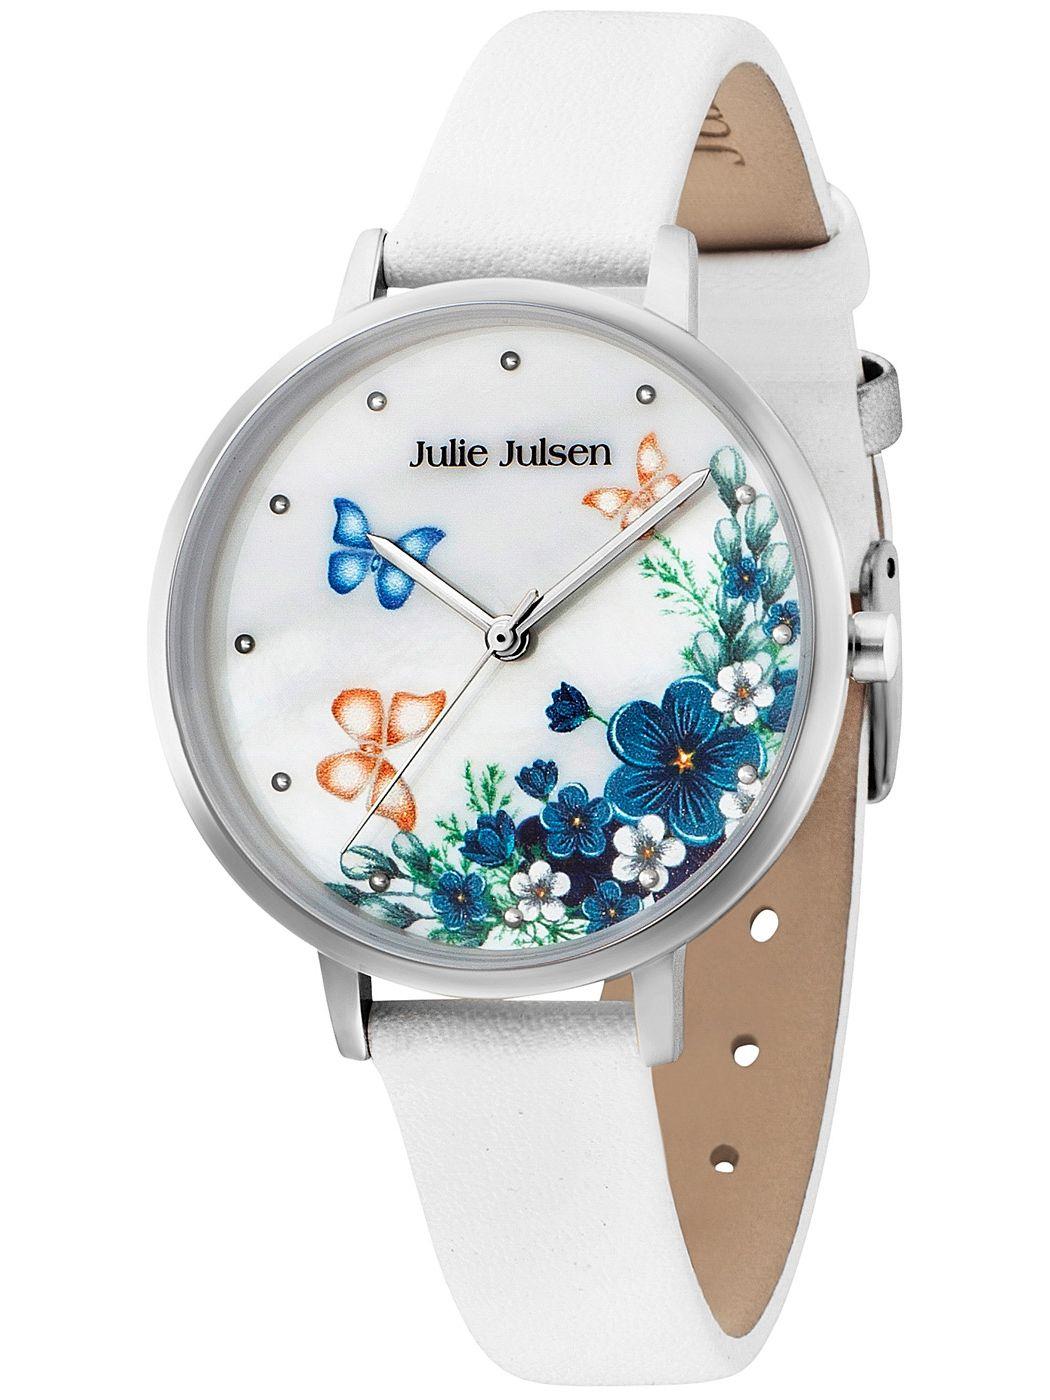 Julie Julsen JJW90SL-9 Damenarmbanduhr Blumen und Schmetterlinge